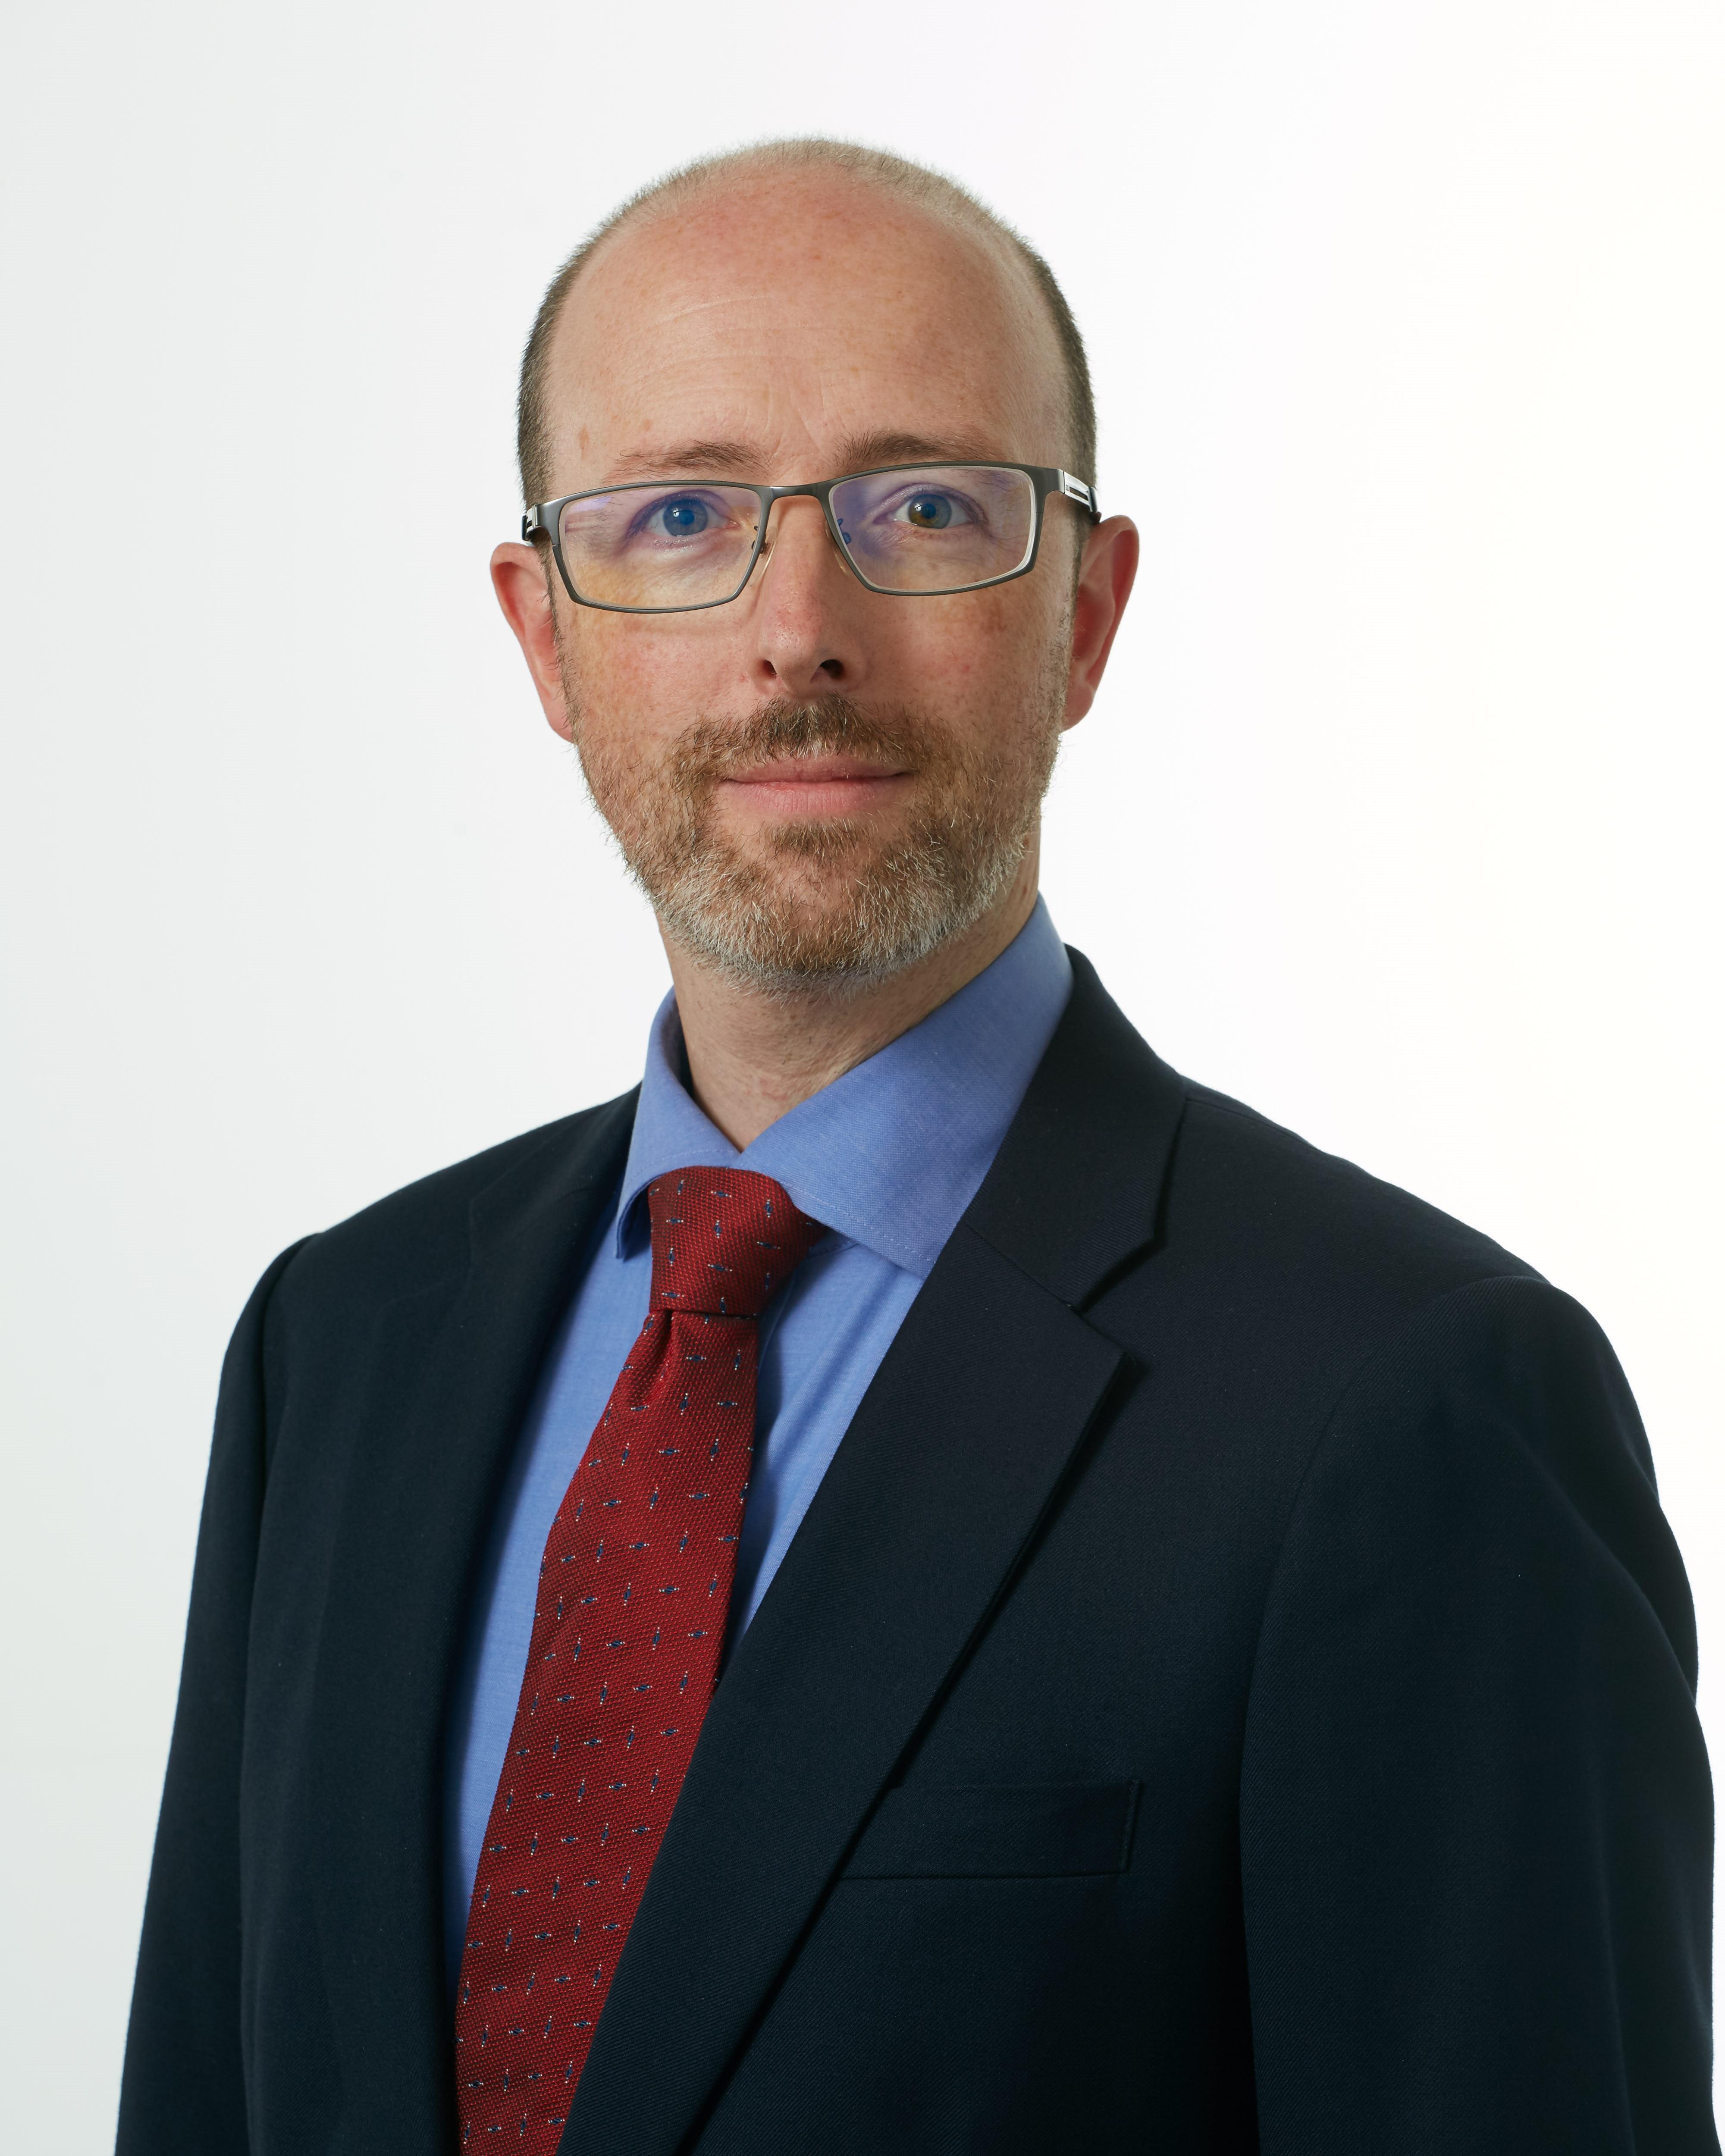 Caspar McConville